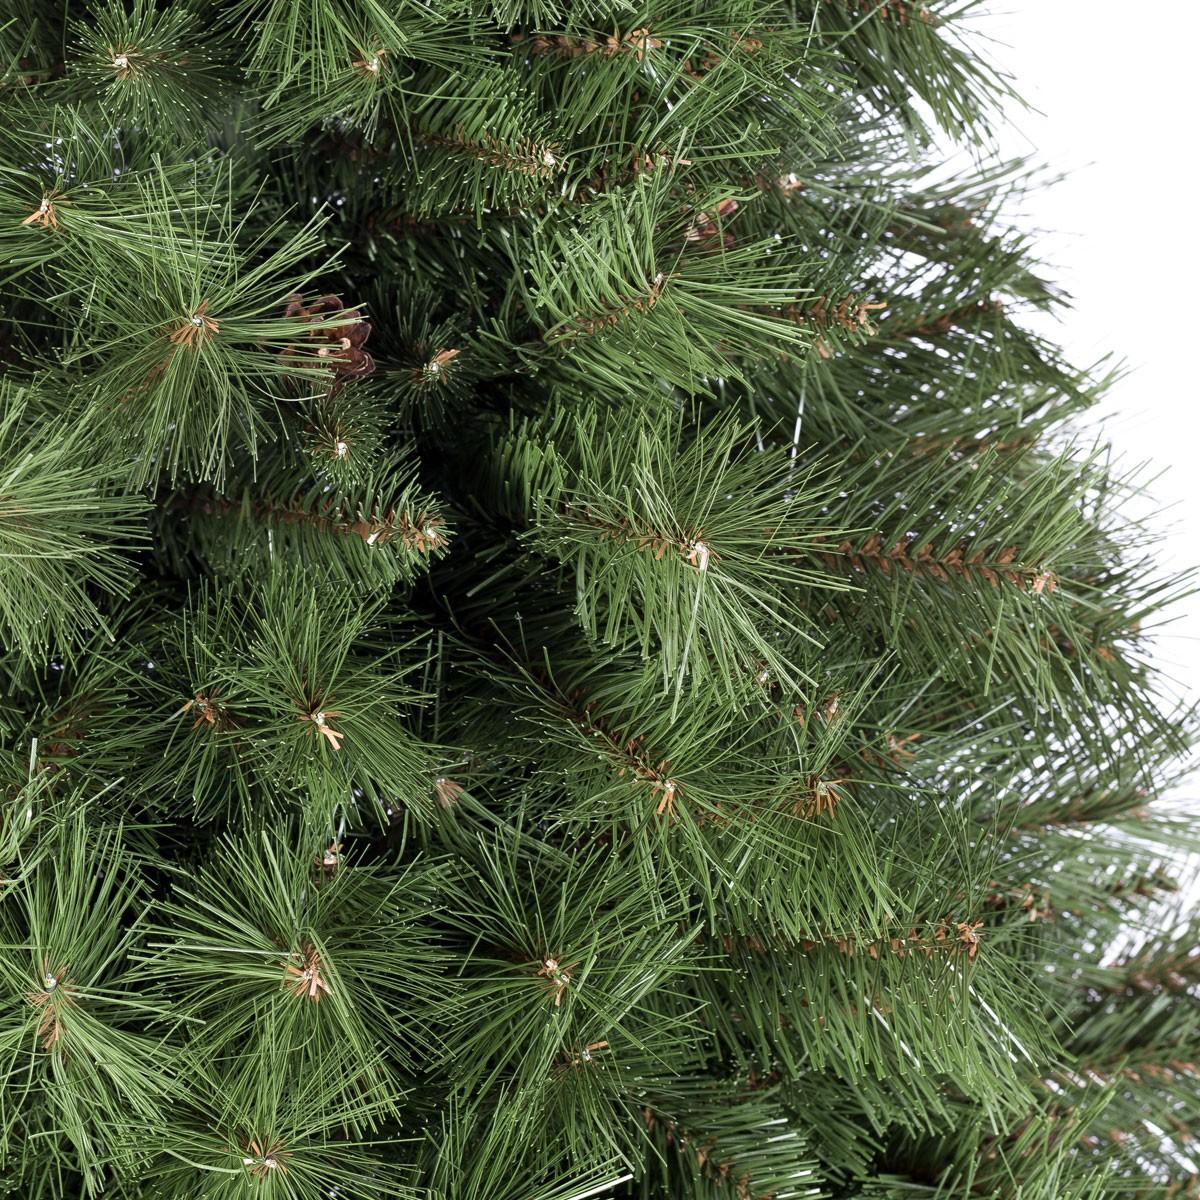 150cm k nstlicher weihnachtsbaum kaukasische tanne tannenbaum k nstlich weihnachtsbaum 150cm - Weihnachtsbaum baumarkt ...